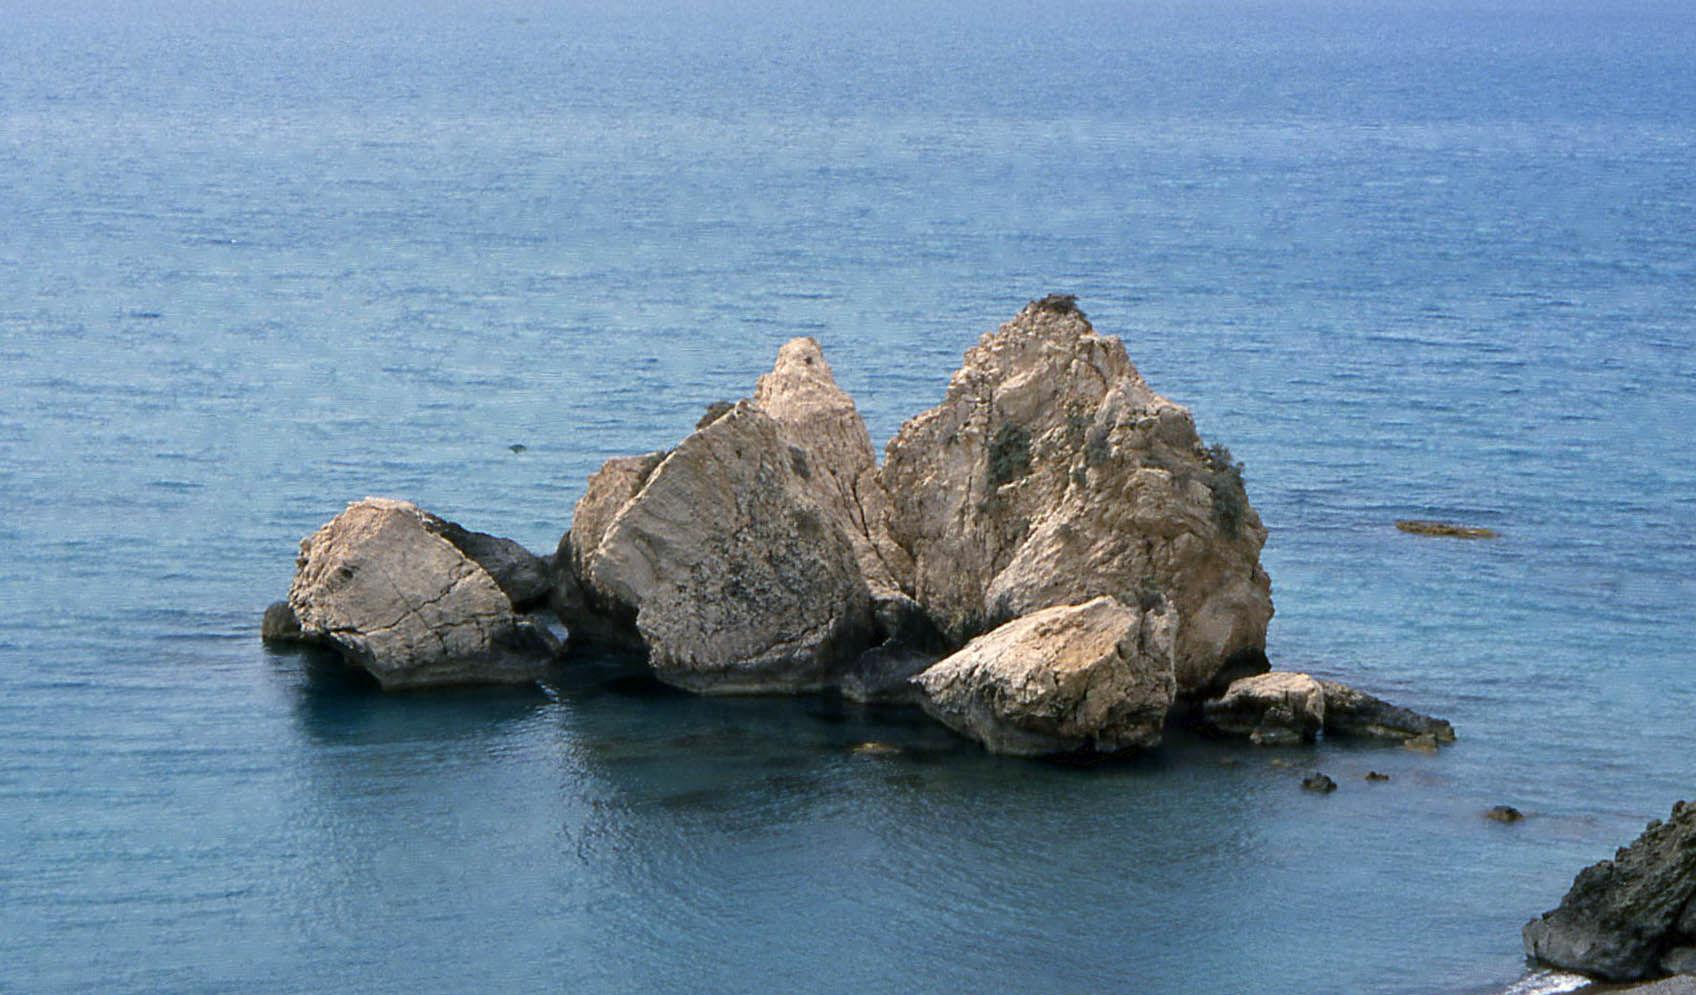 Aphrodite's Rocks (Limassol to Paphos